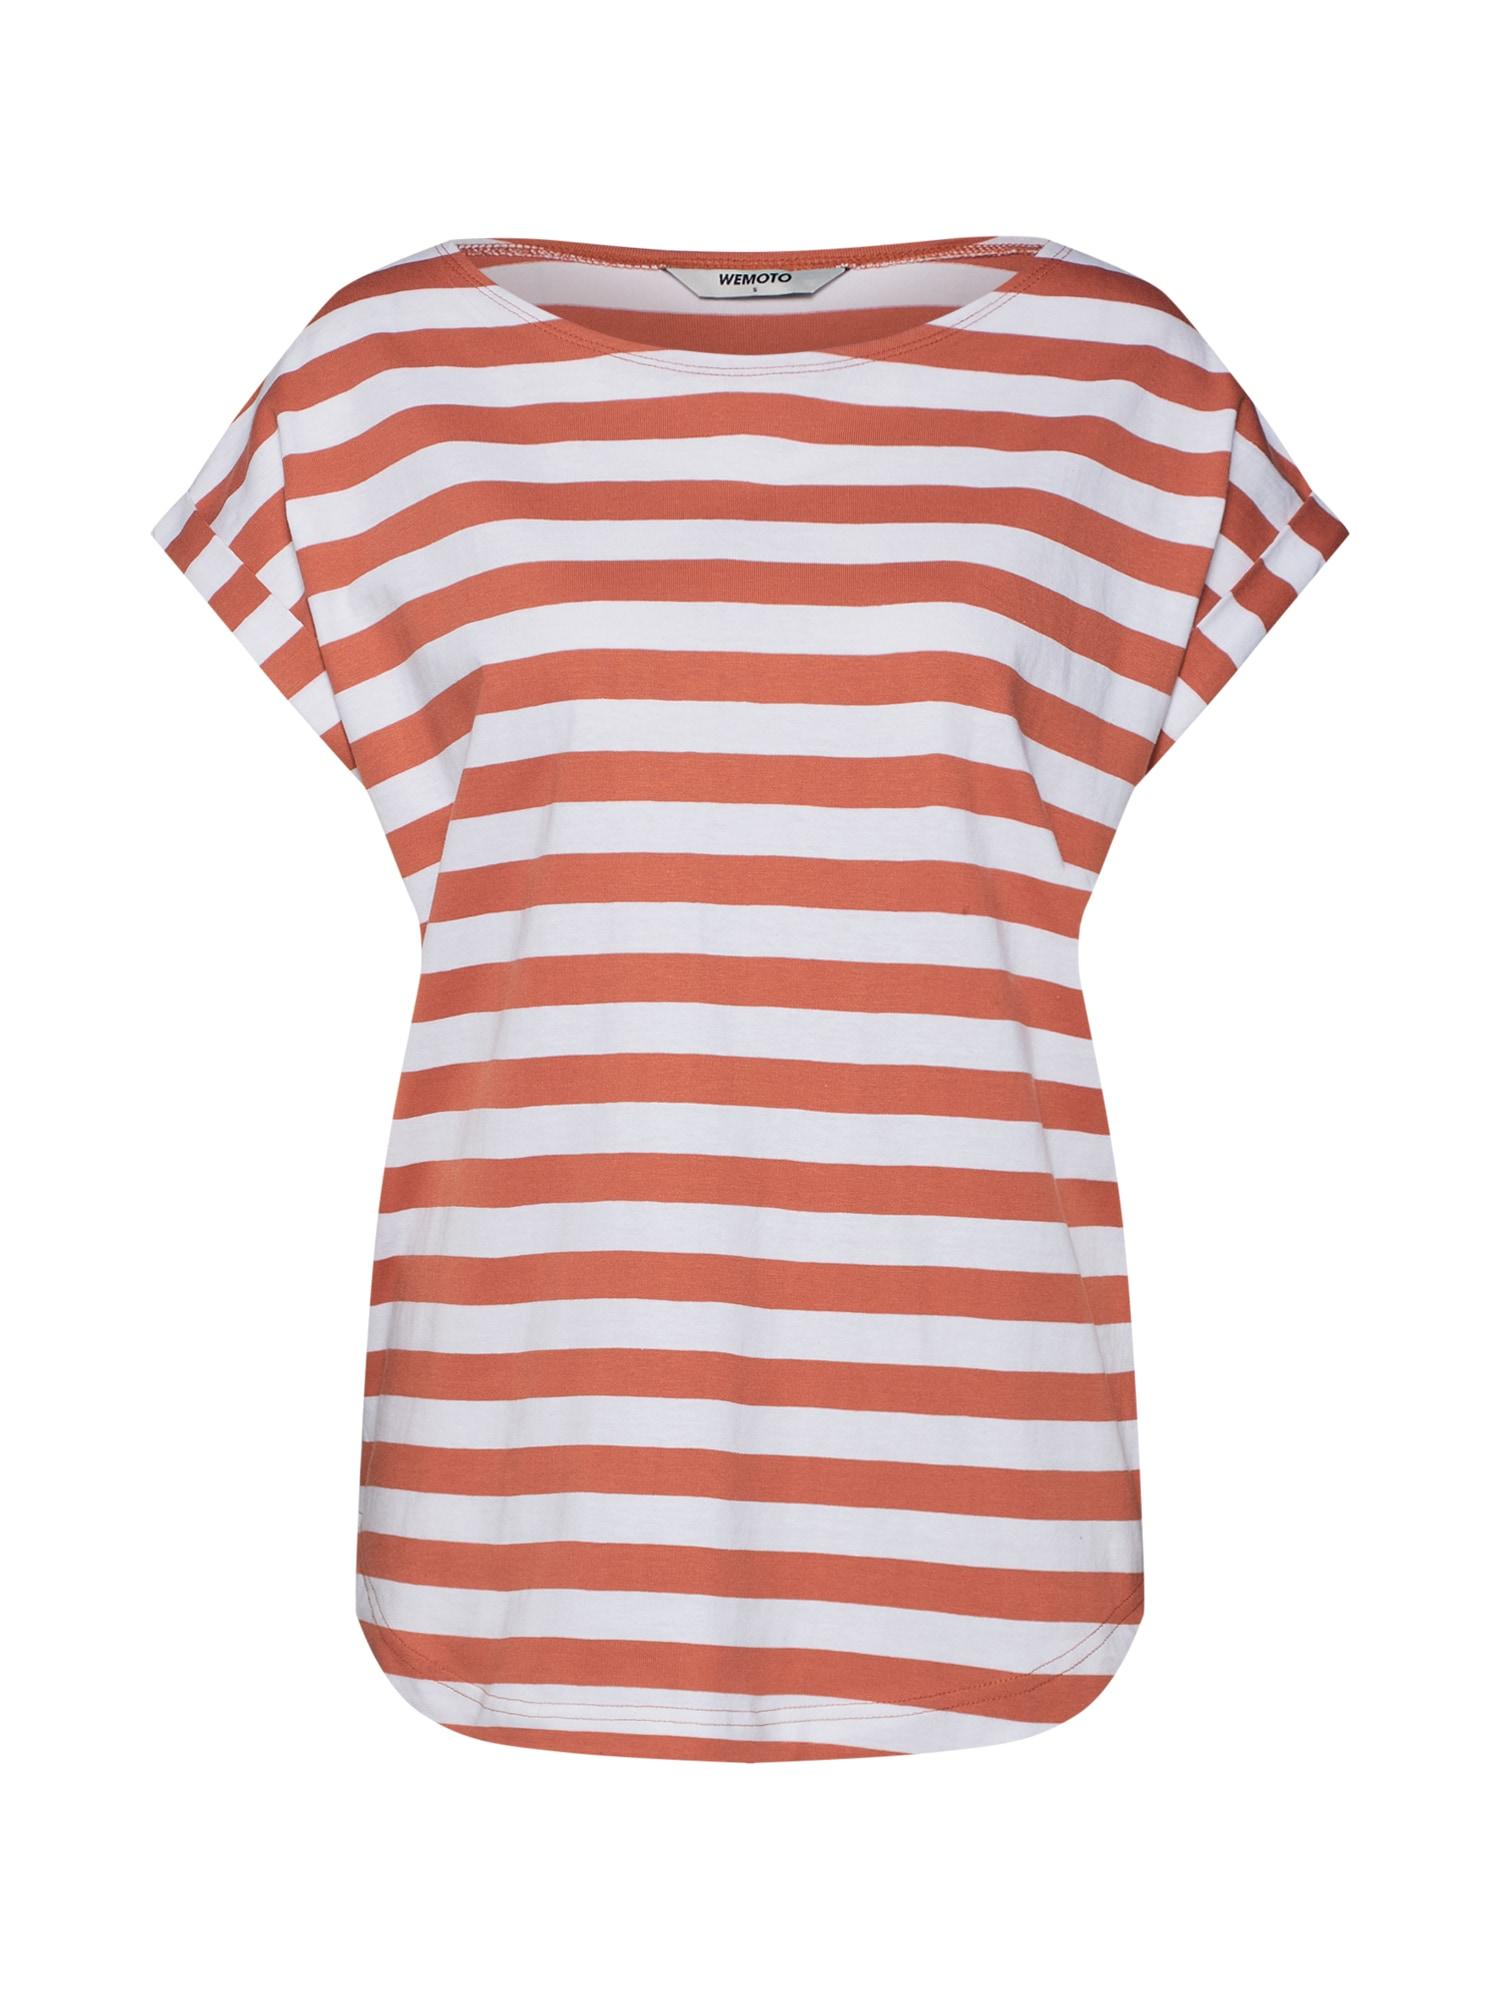 Tričko Bell Striped broskvová bílá Wemoto